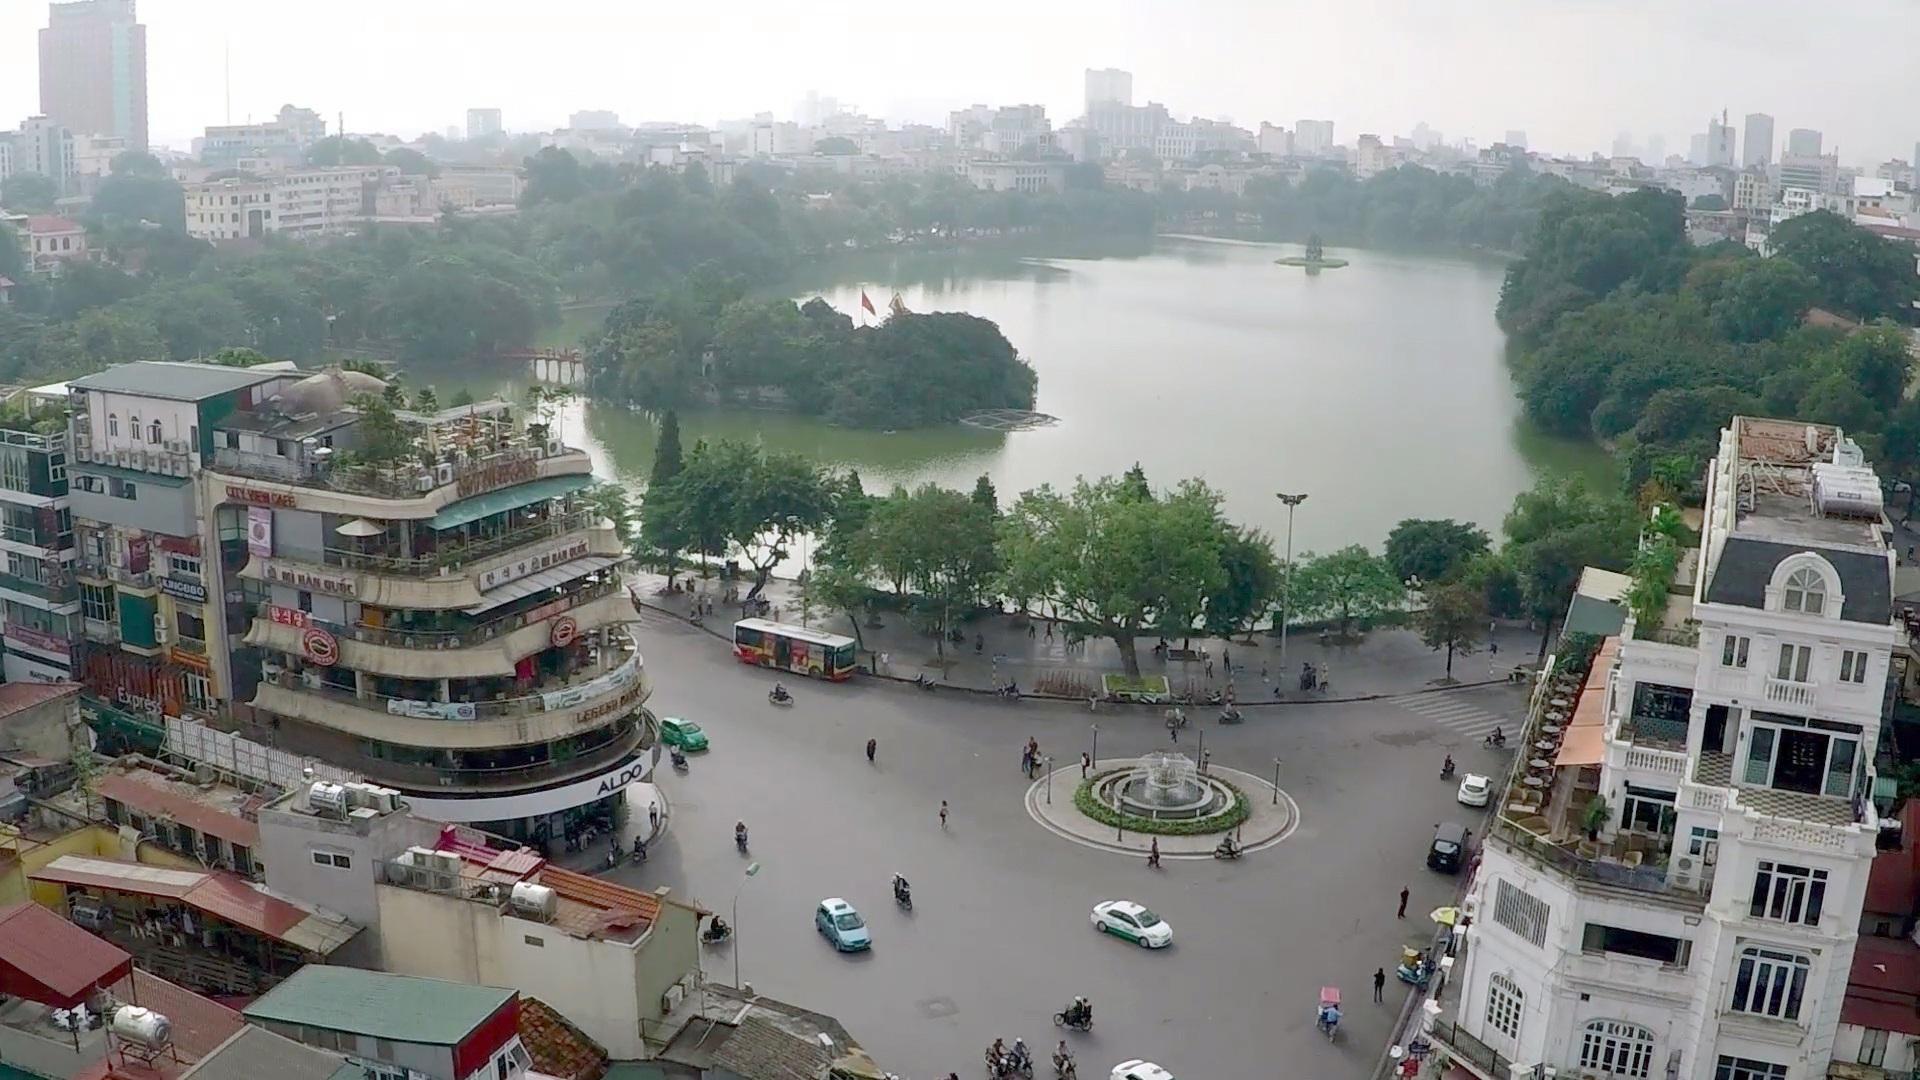 Hà Nội xem xét cấm ô tô, xe máy hoạt động quanh hồ Hoàn Kiếm trong 1 tháng